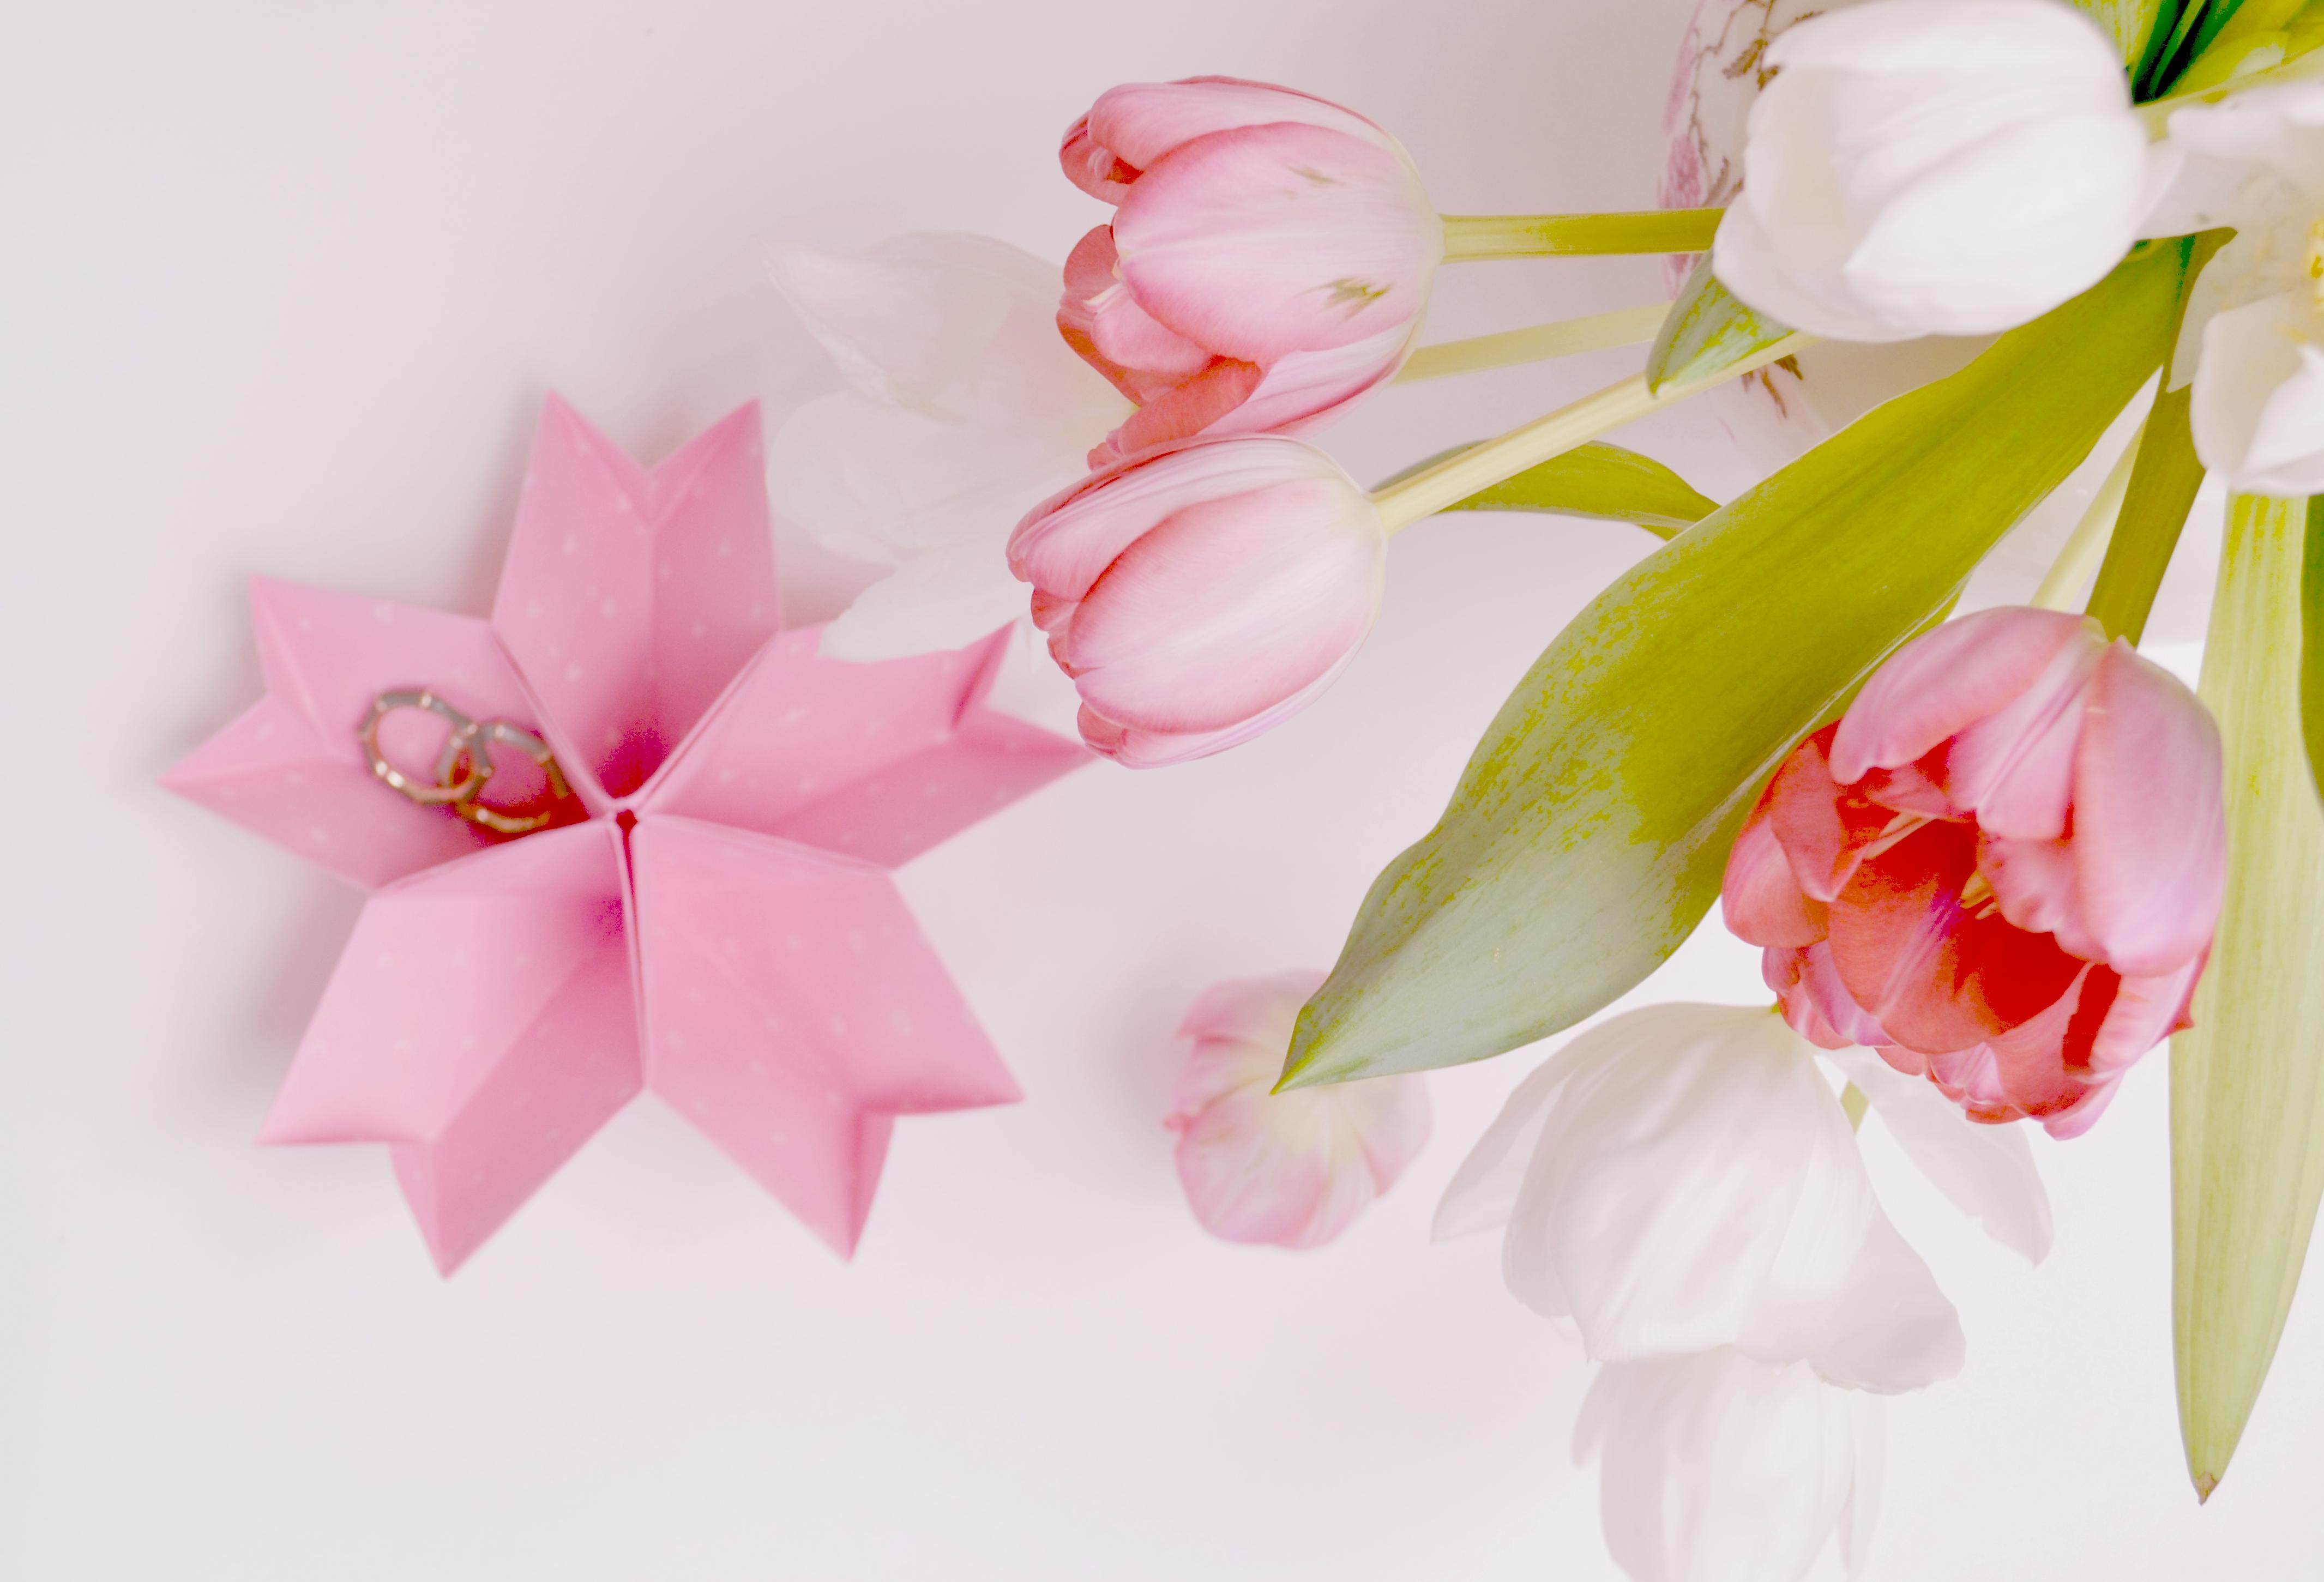 Anleitung: Origami-Kirschblüte als Ringkissen selbermachen | Verrueckt nach Hochzeit